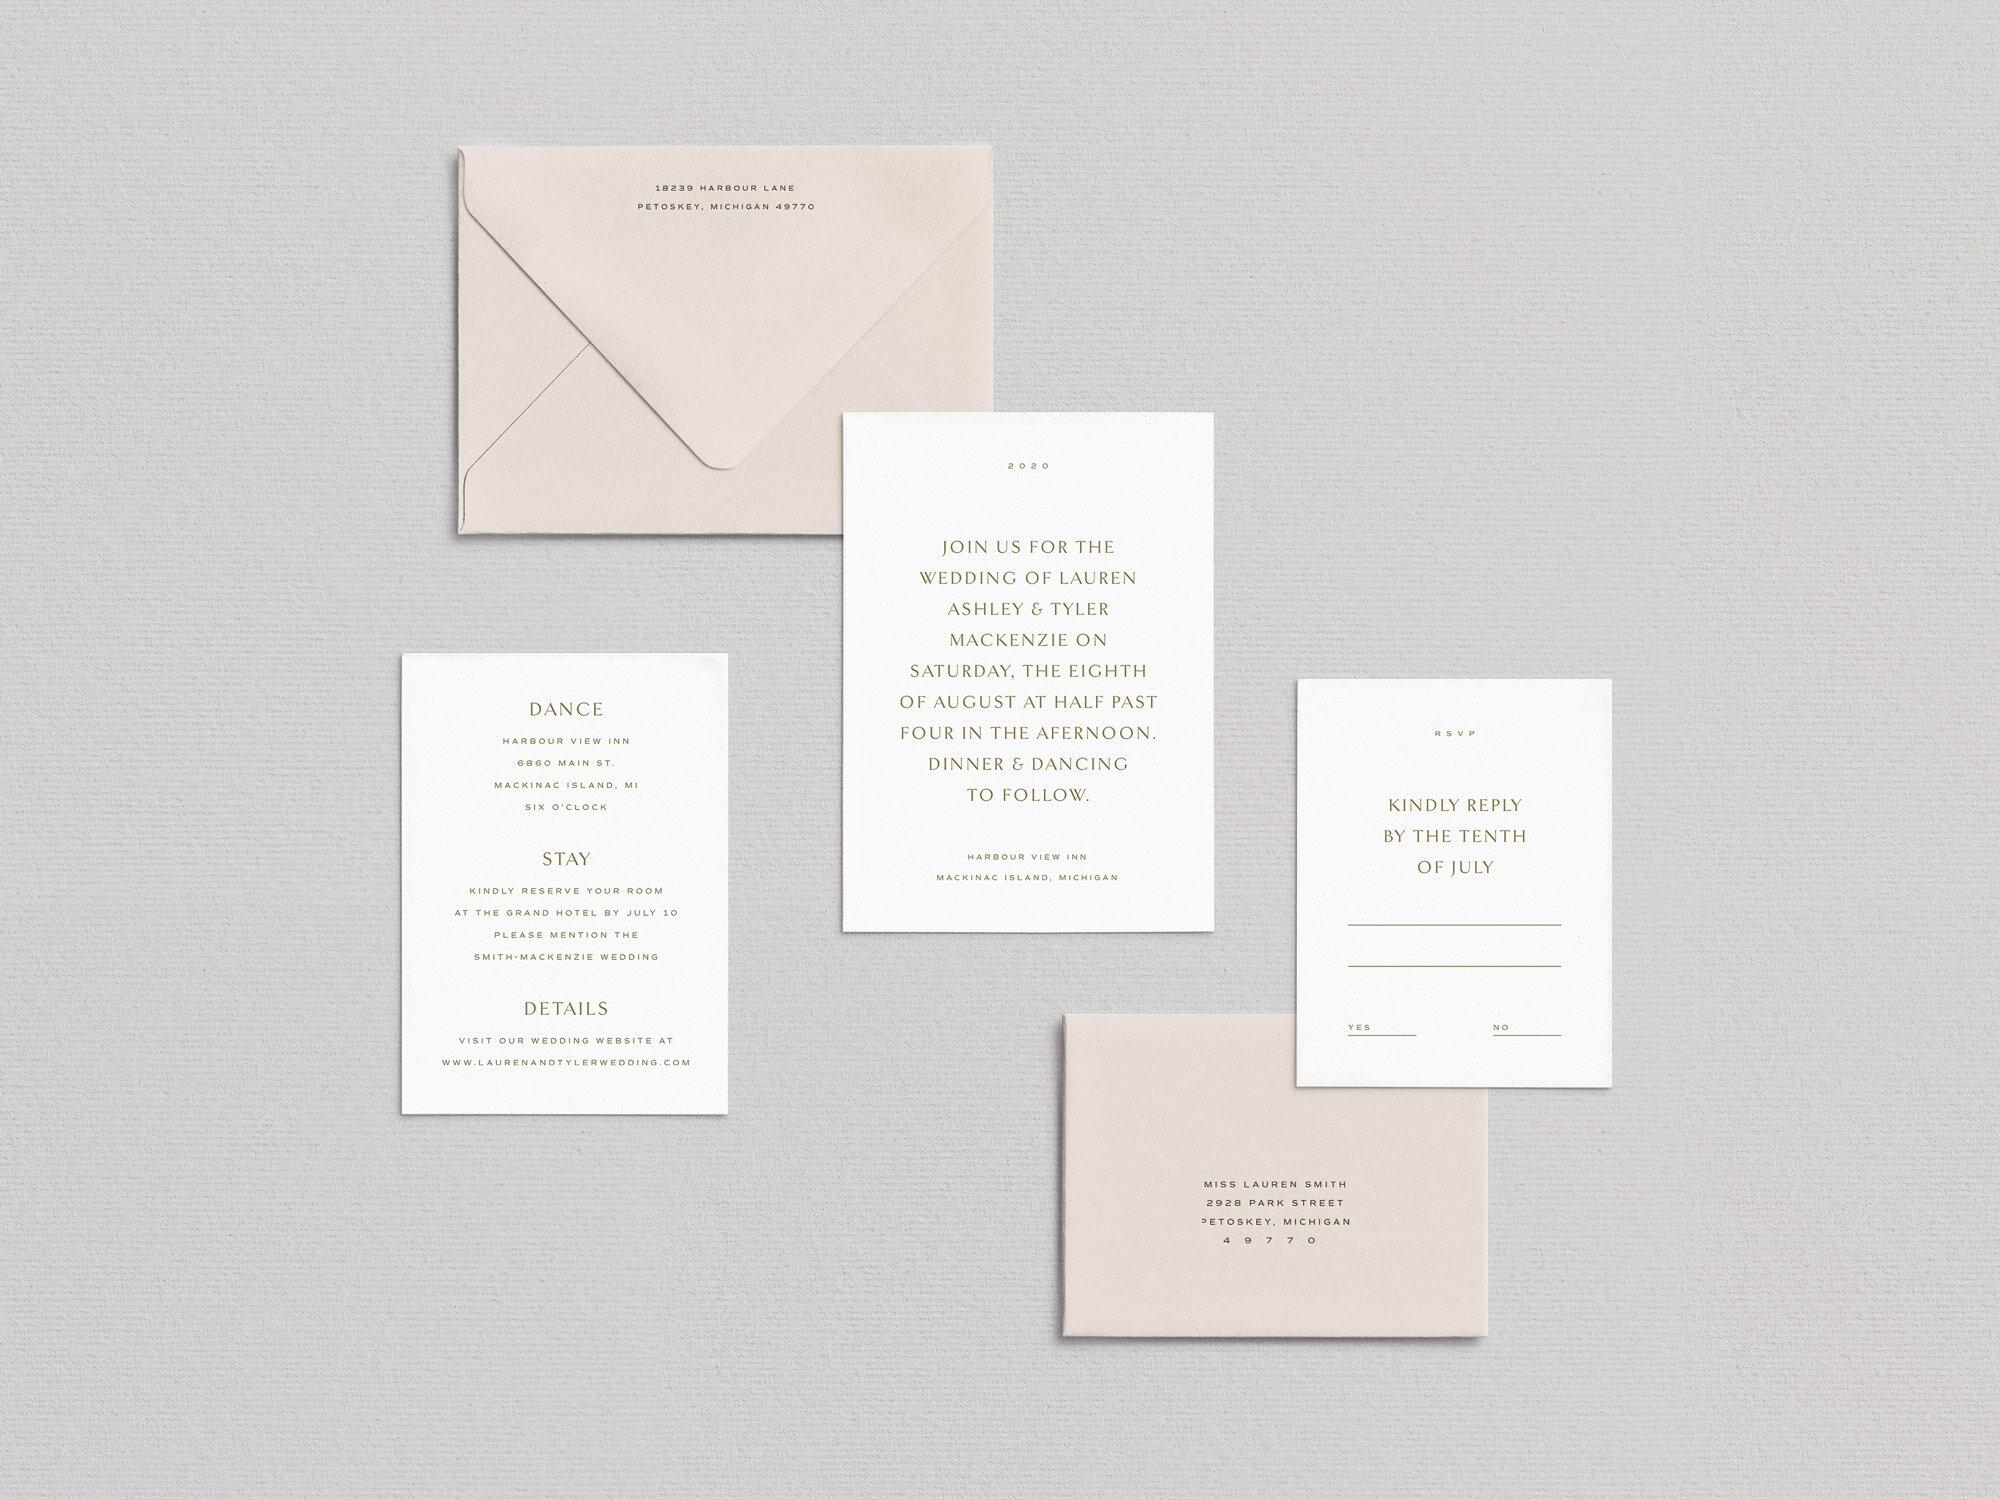 mockup_invite_minimalist_2.jpg